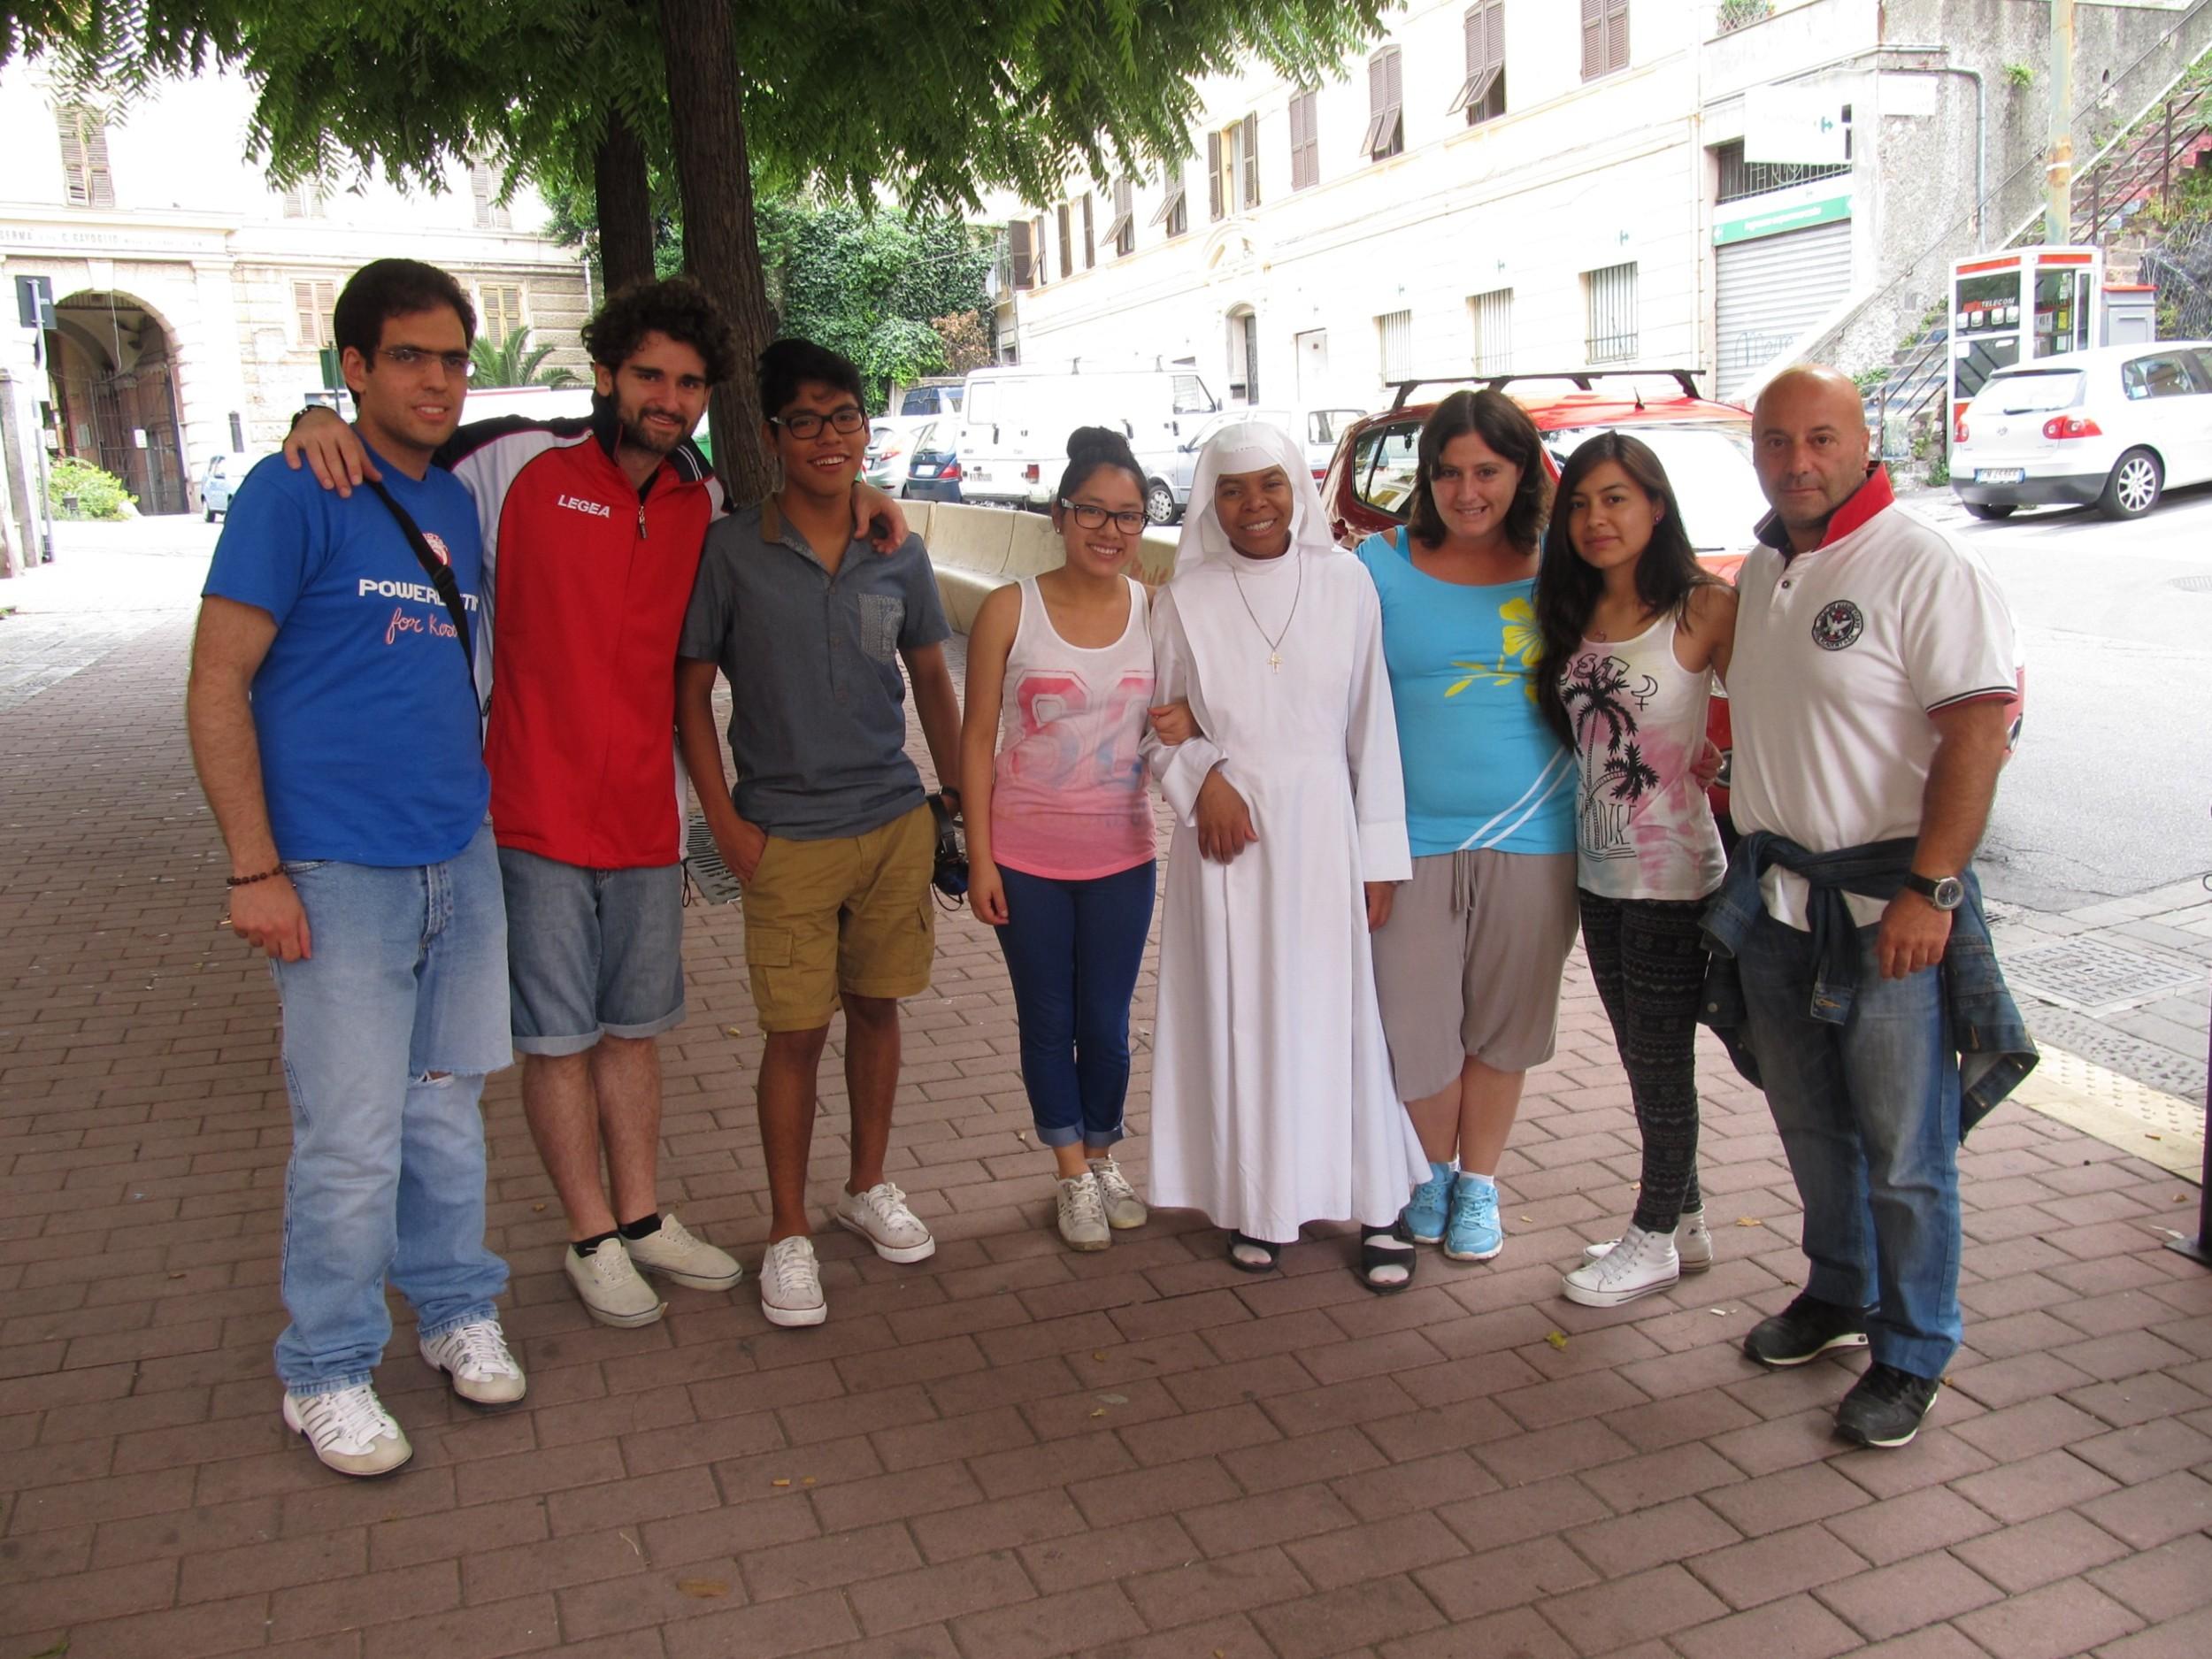 bivacco_monte_fasce_2014-07-12-09-11-53